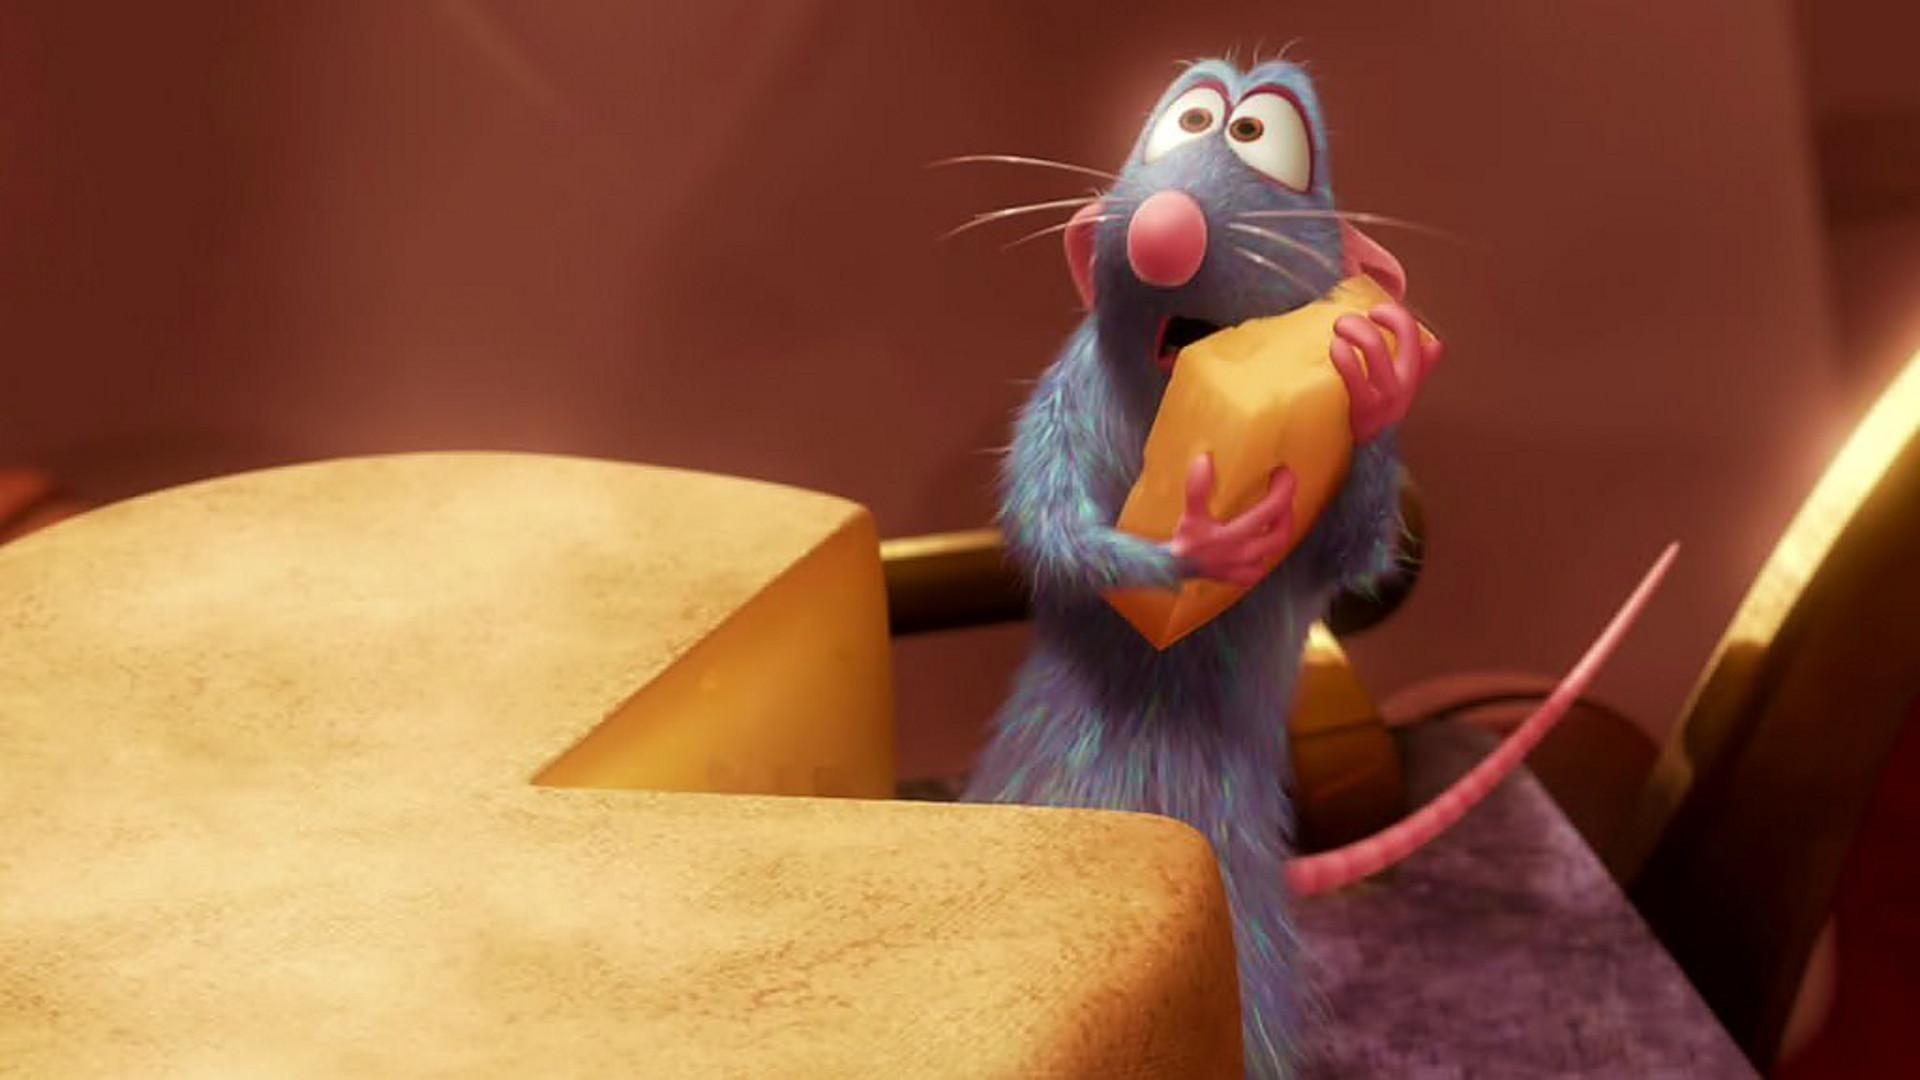 Operação Ratatouille prendeu empresário suspeito de subornar empresas de alimentação (Foto: Reprodução/Pixar)